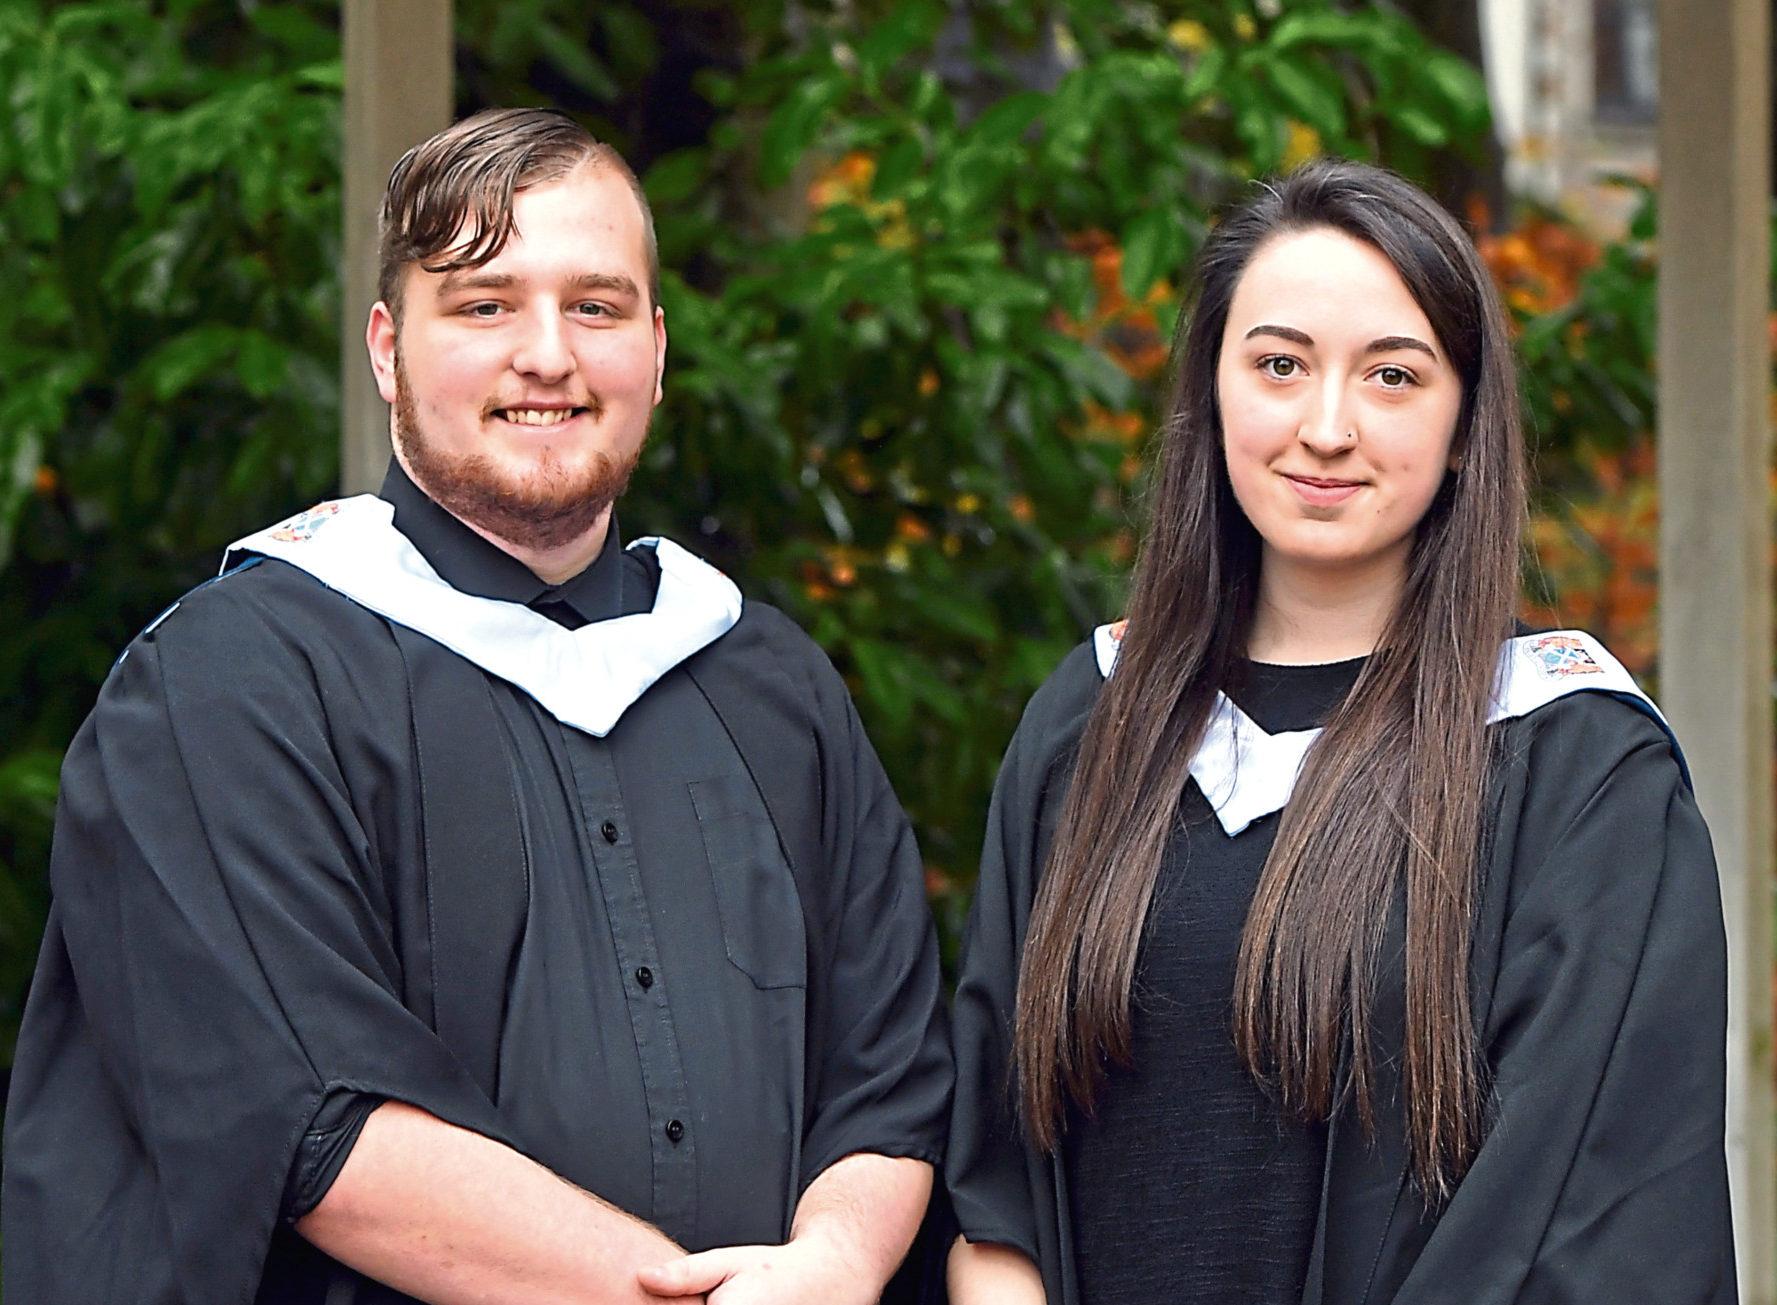 Andrew Main and Chloe Jamieson